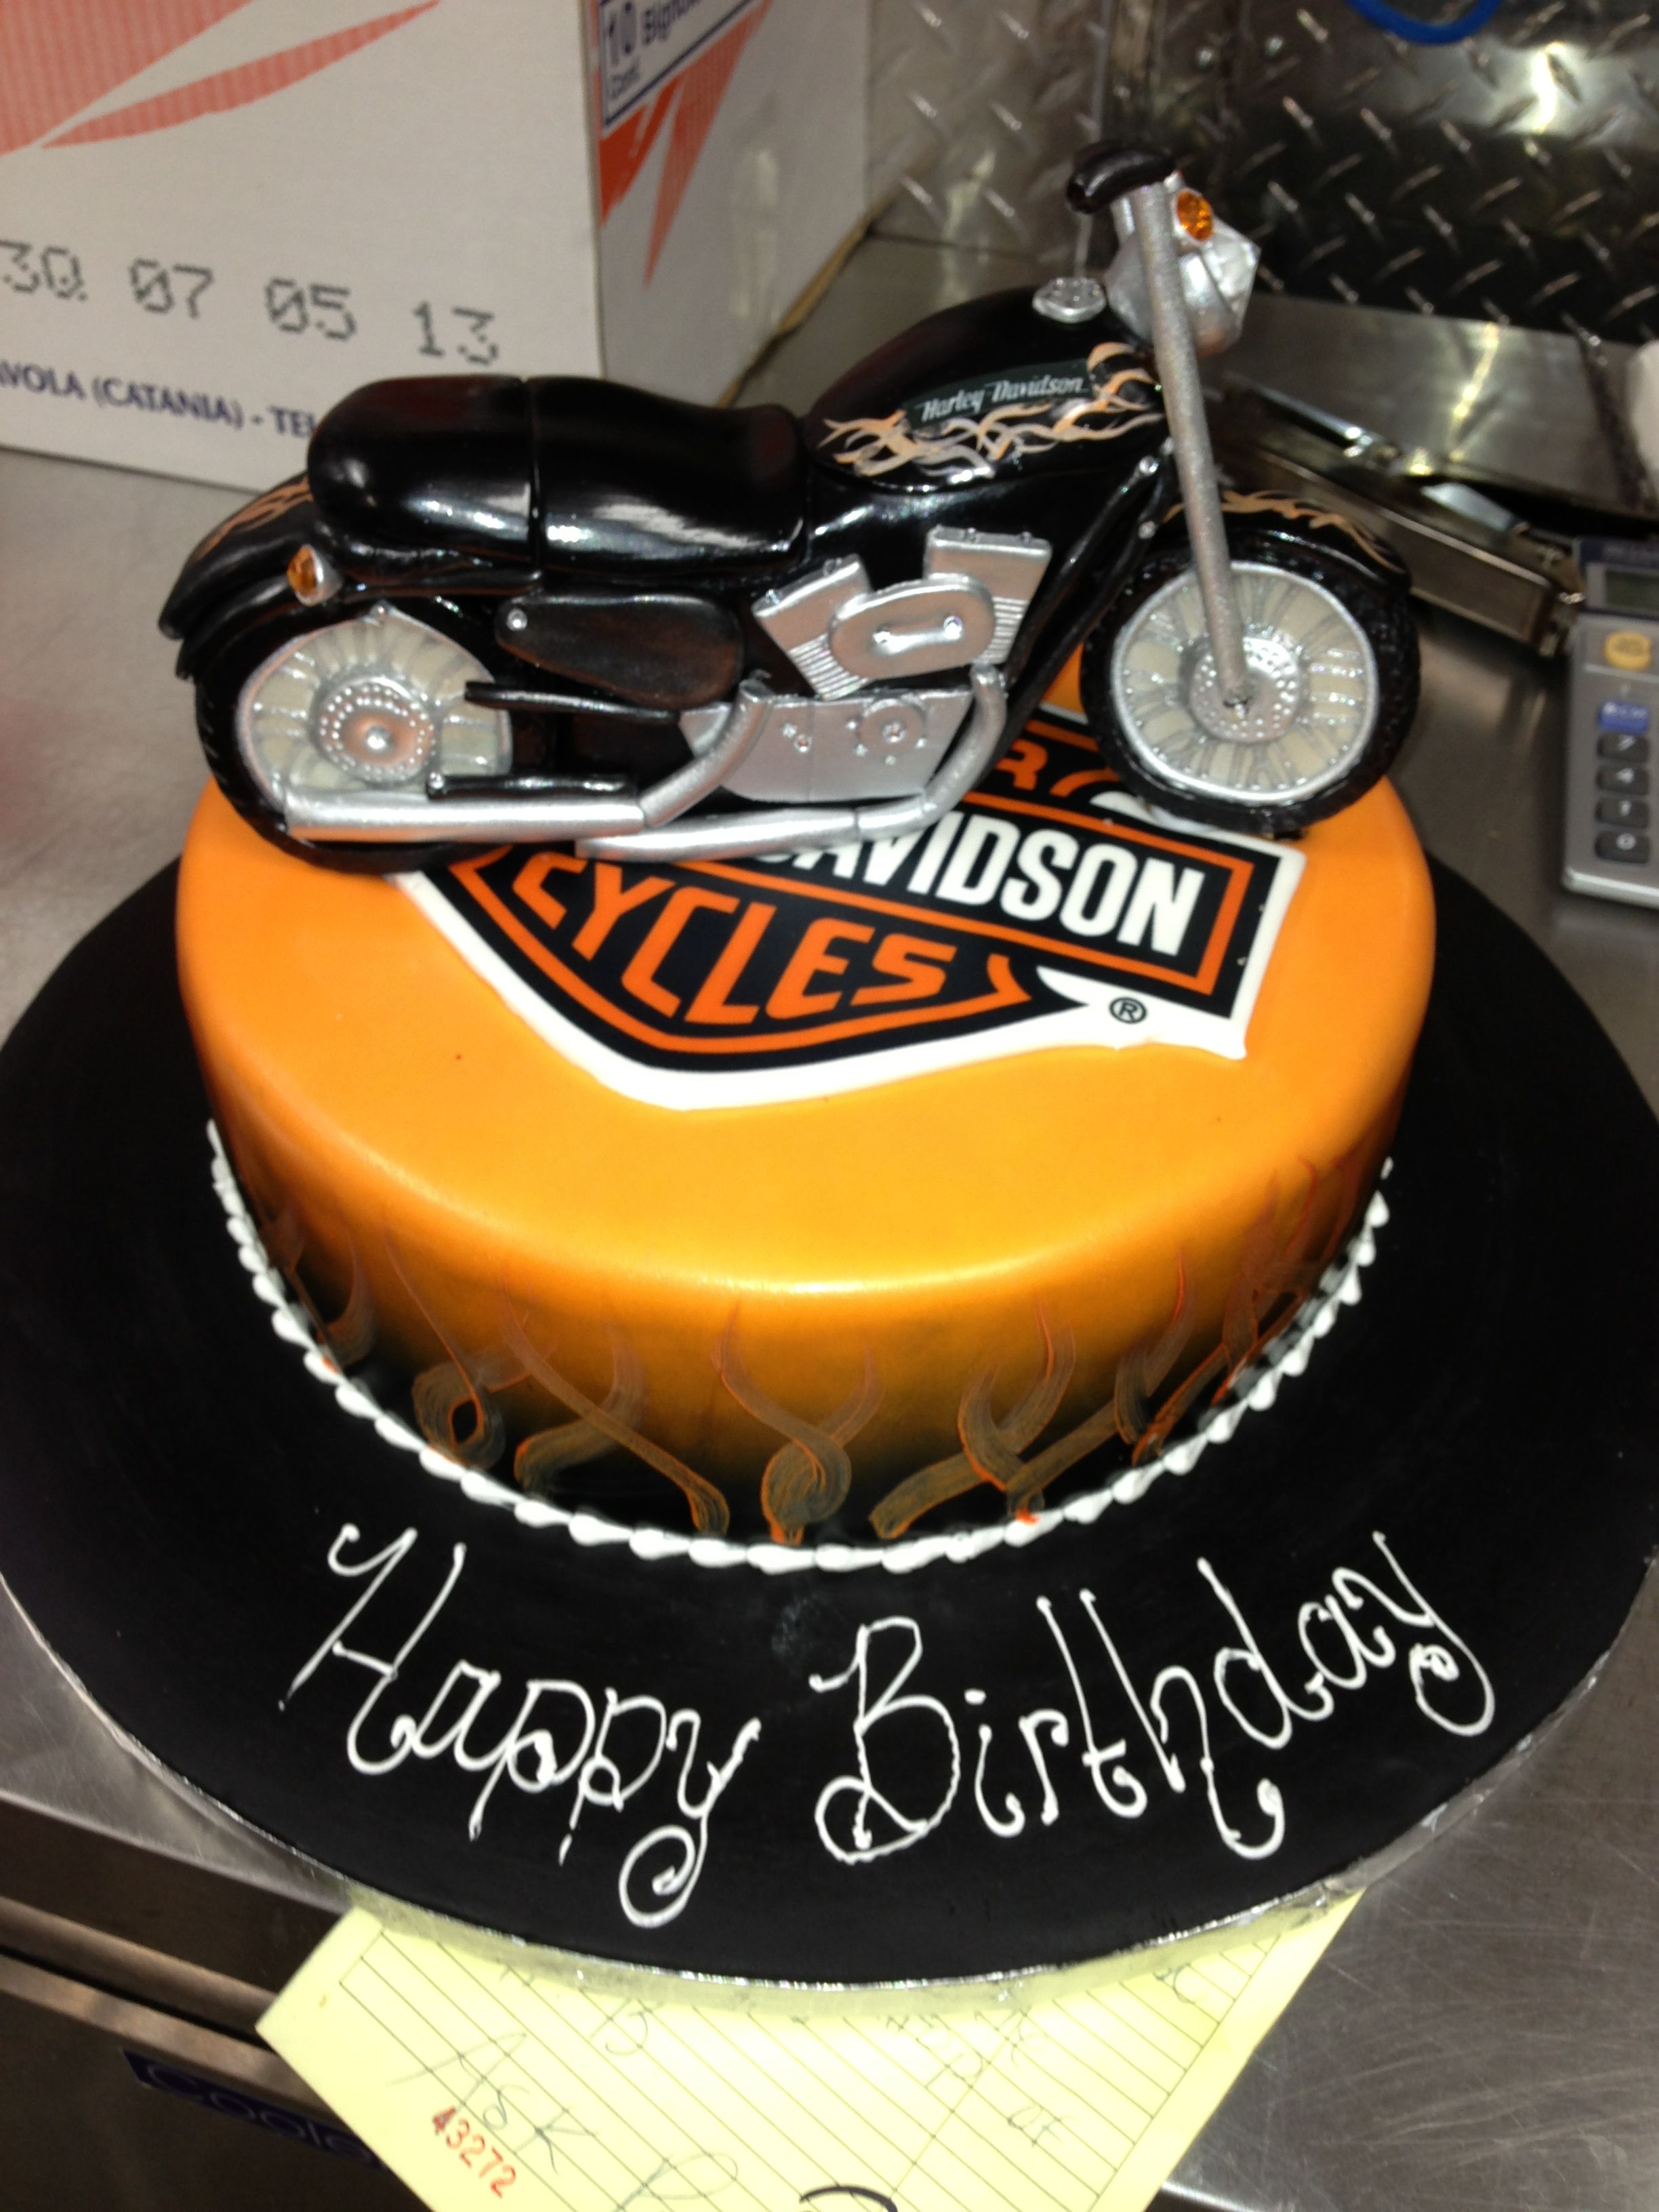 Harley Davidson Cake Decorations Uk